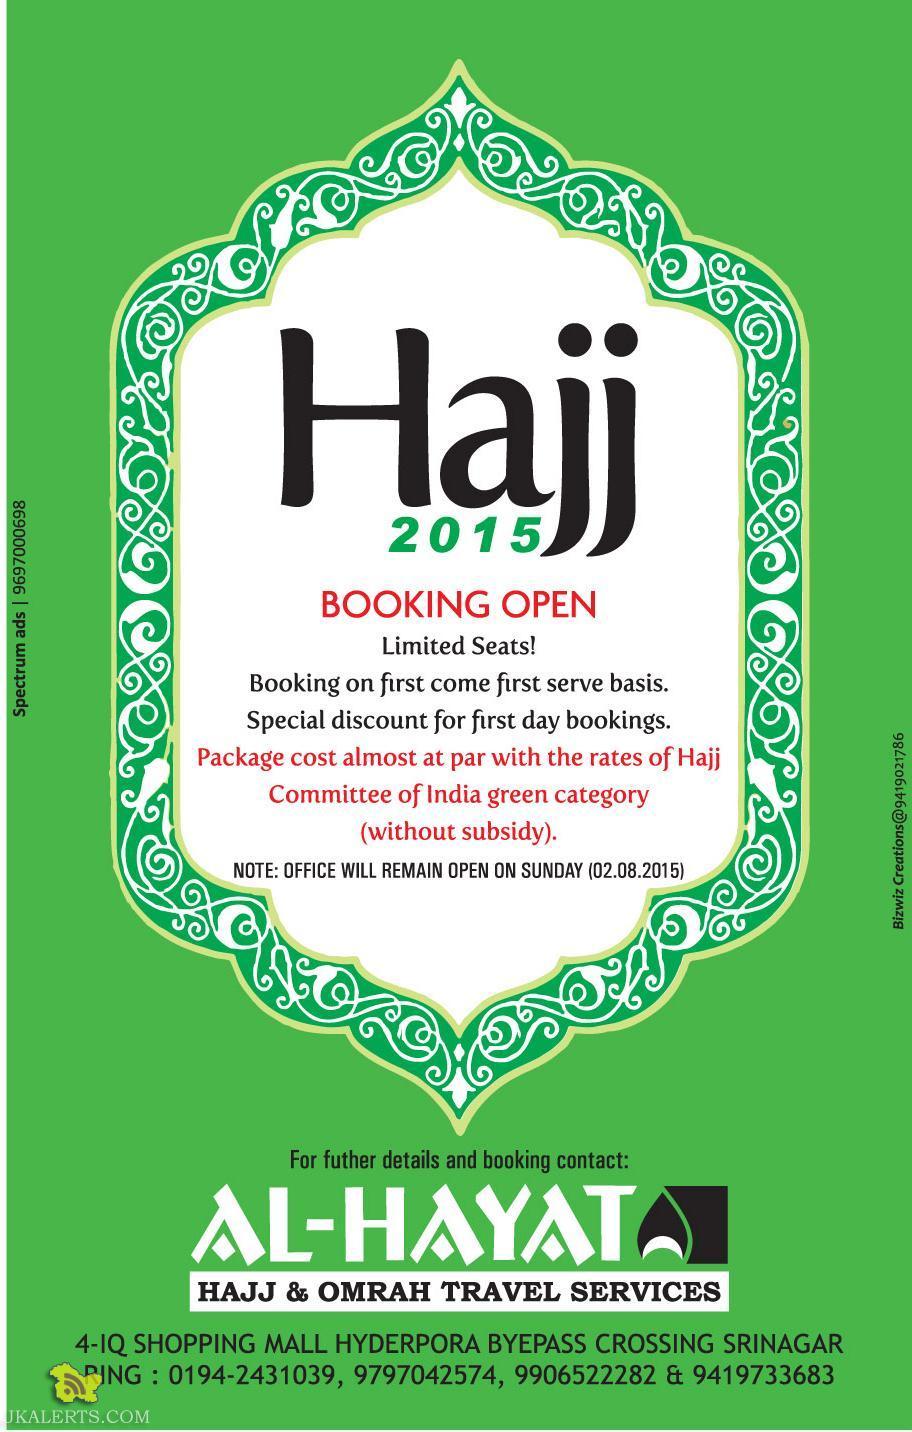 HAJJ 2015 BOOKING OPEN, hajj booking form hajj packages 2012,hajj umrah package 2012 al huda hajj and umrah services